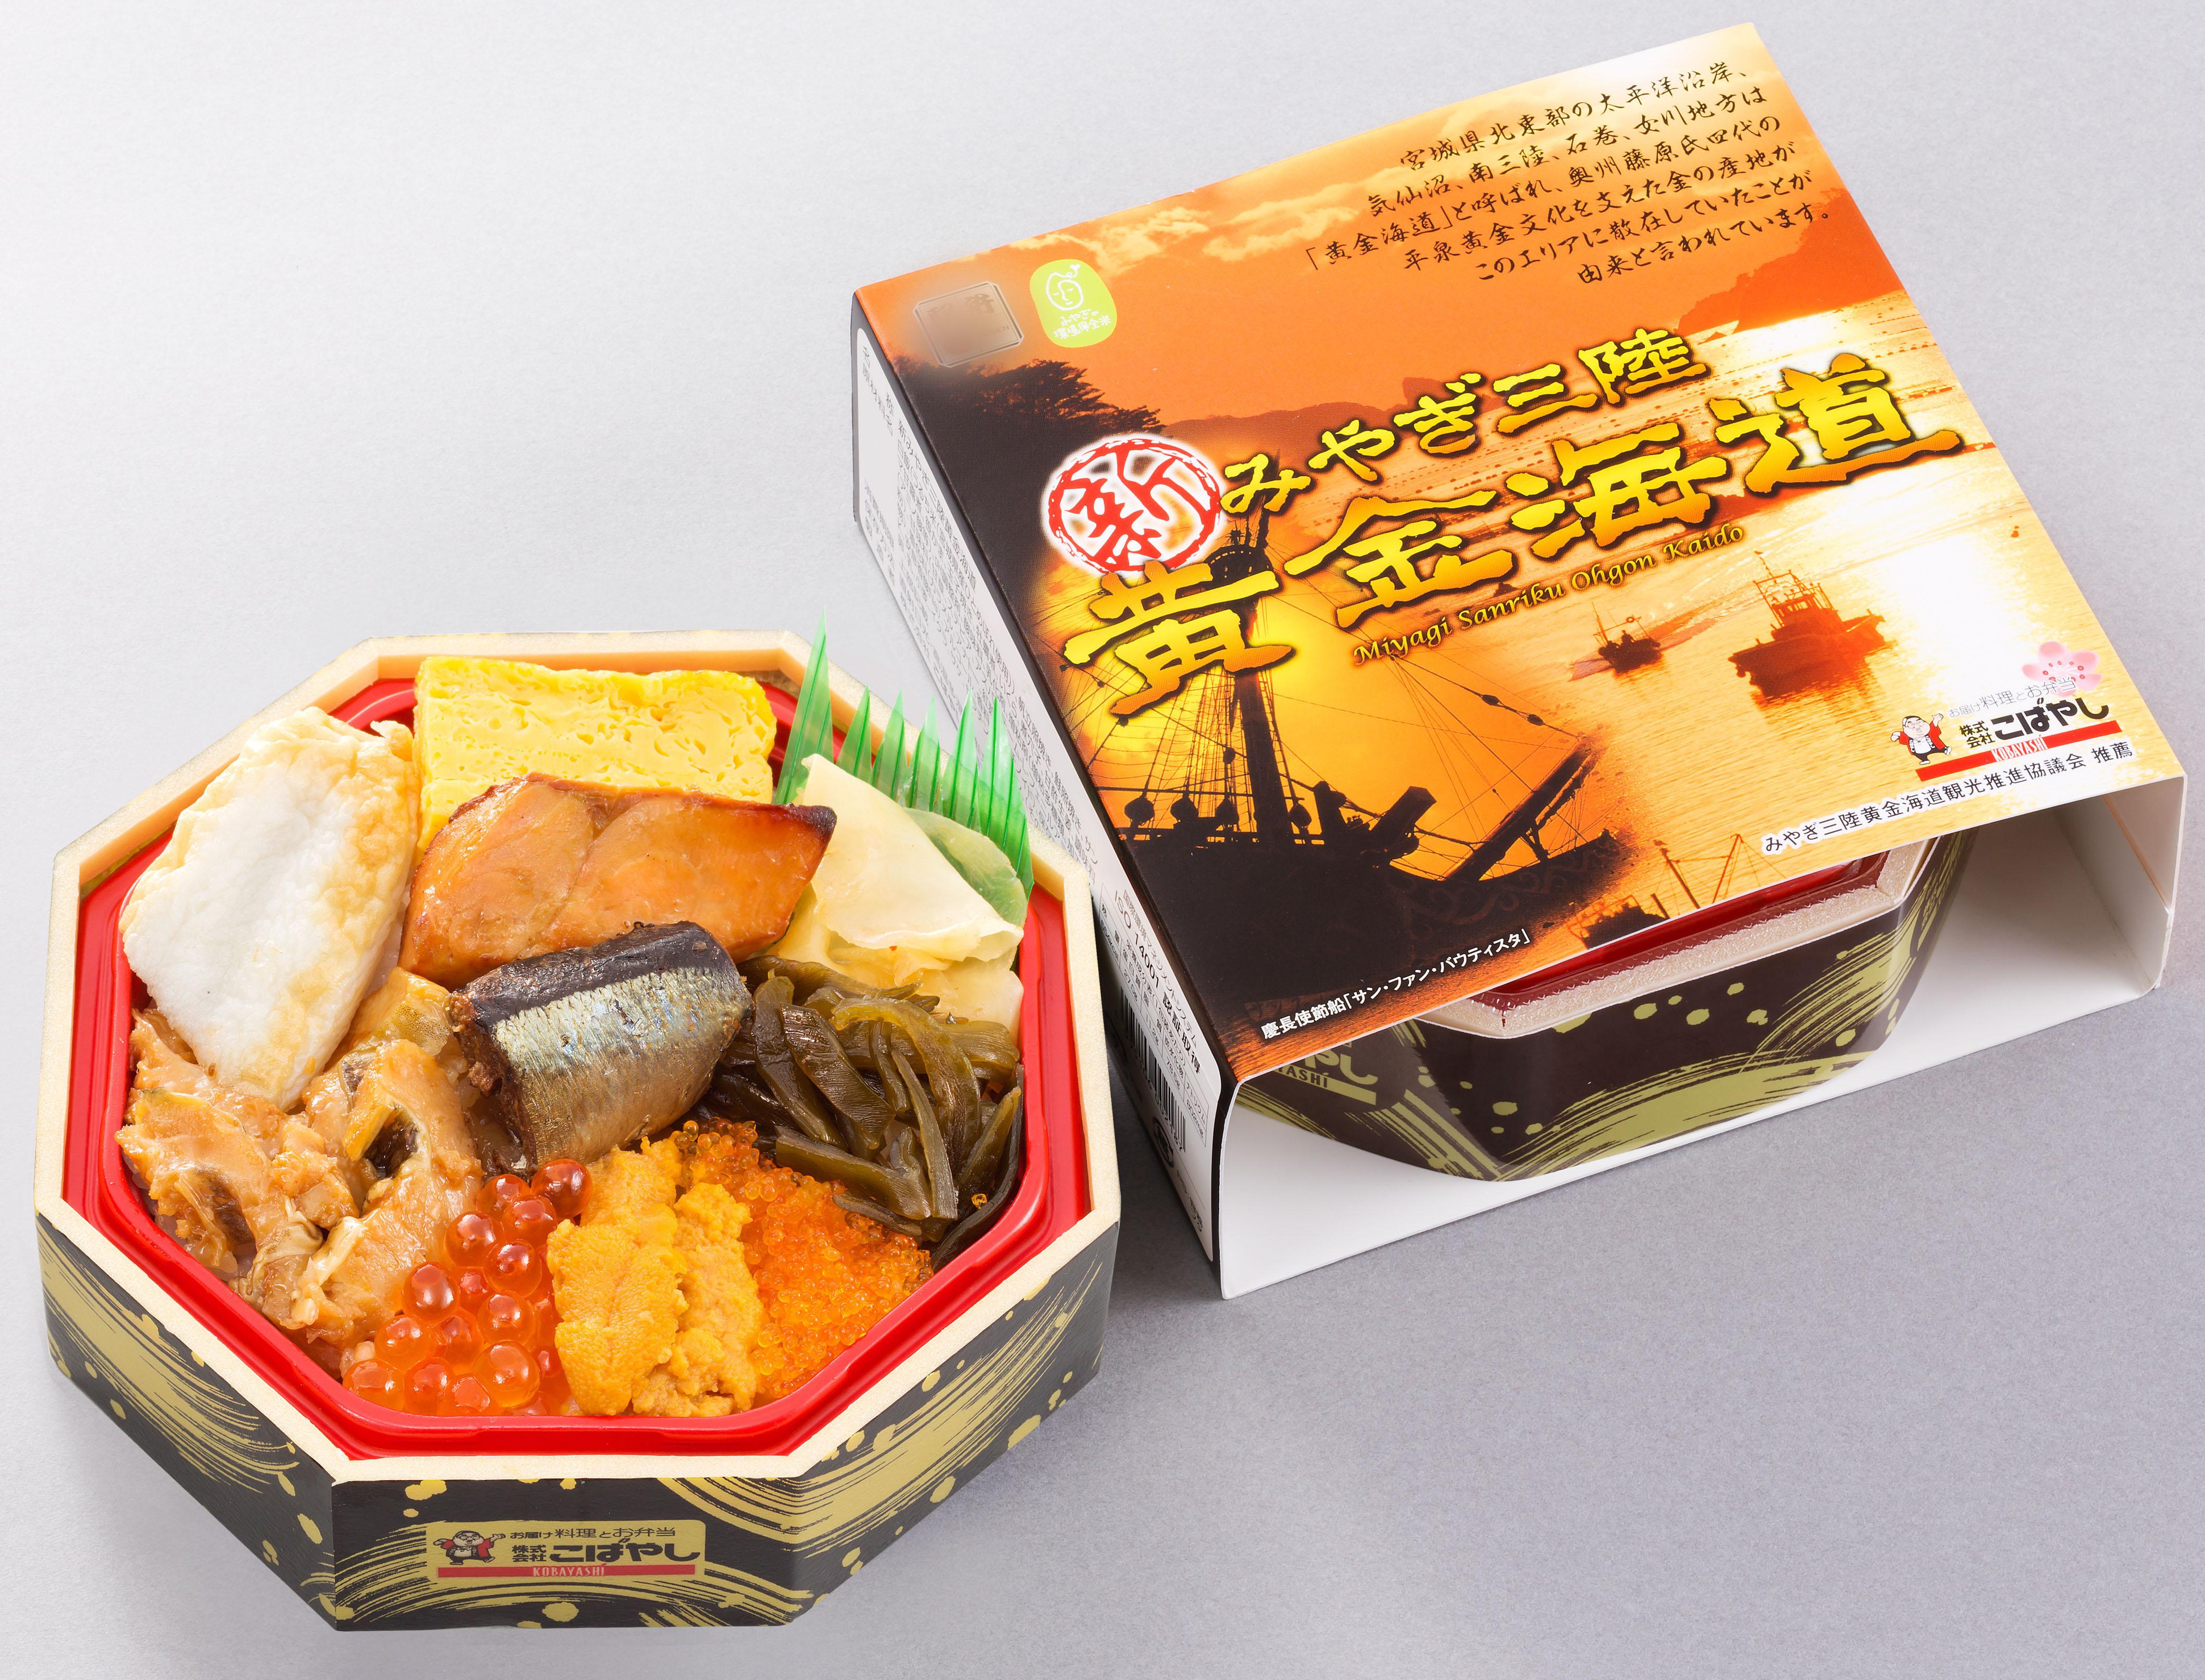 新みやぎ三陸黄金海道 1,150円(税込)